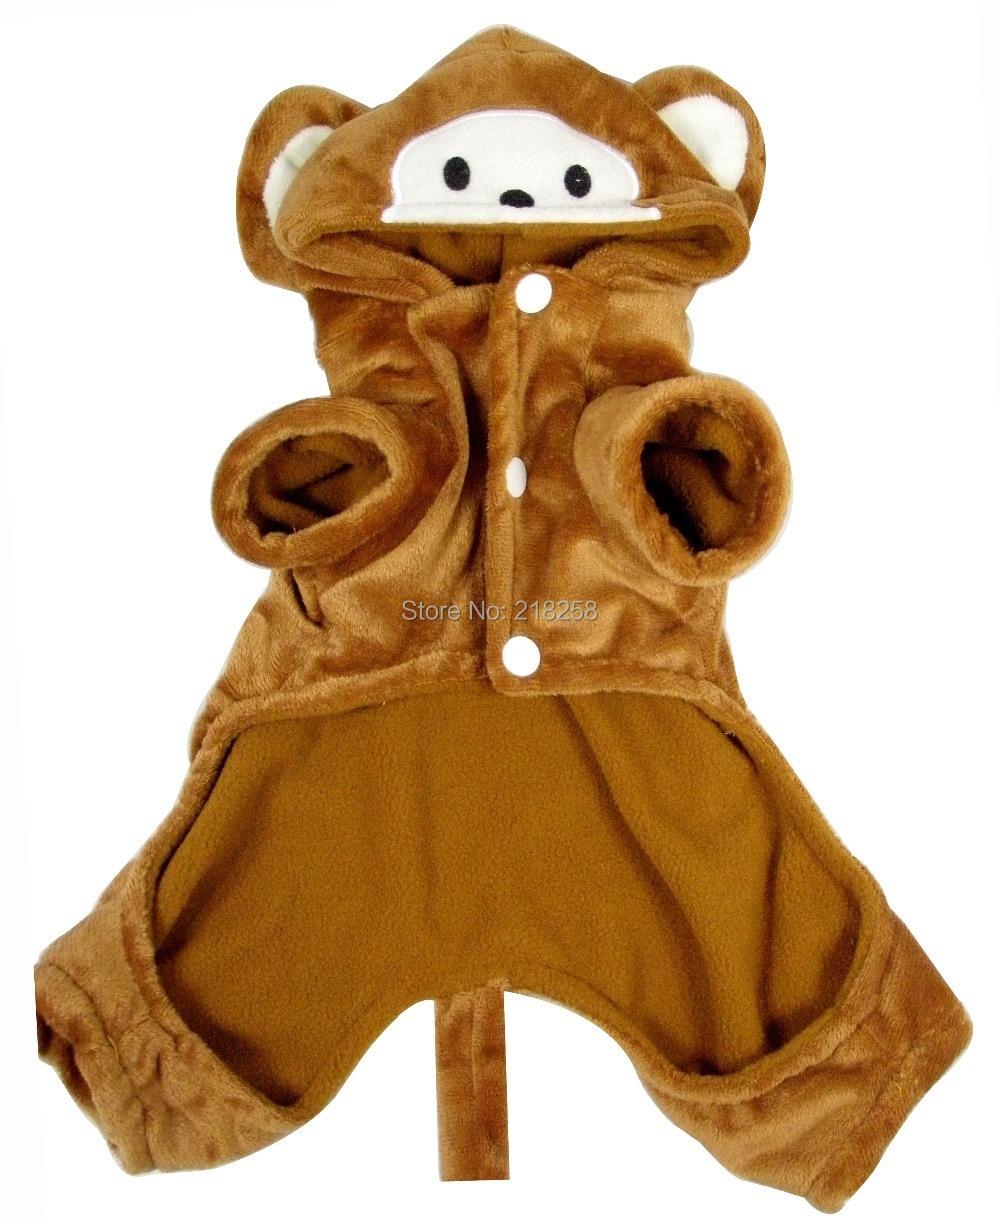 საცალო ყავისფერი მაიმუნი - შინაური ცხოველების საქონელი - ფოტო 2